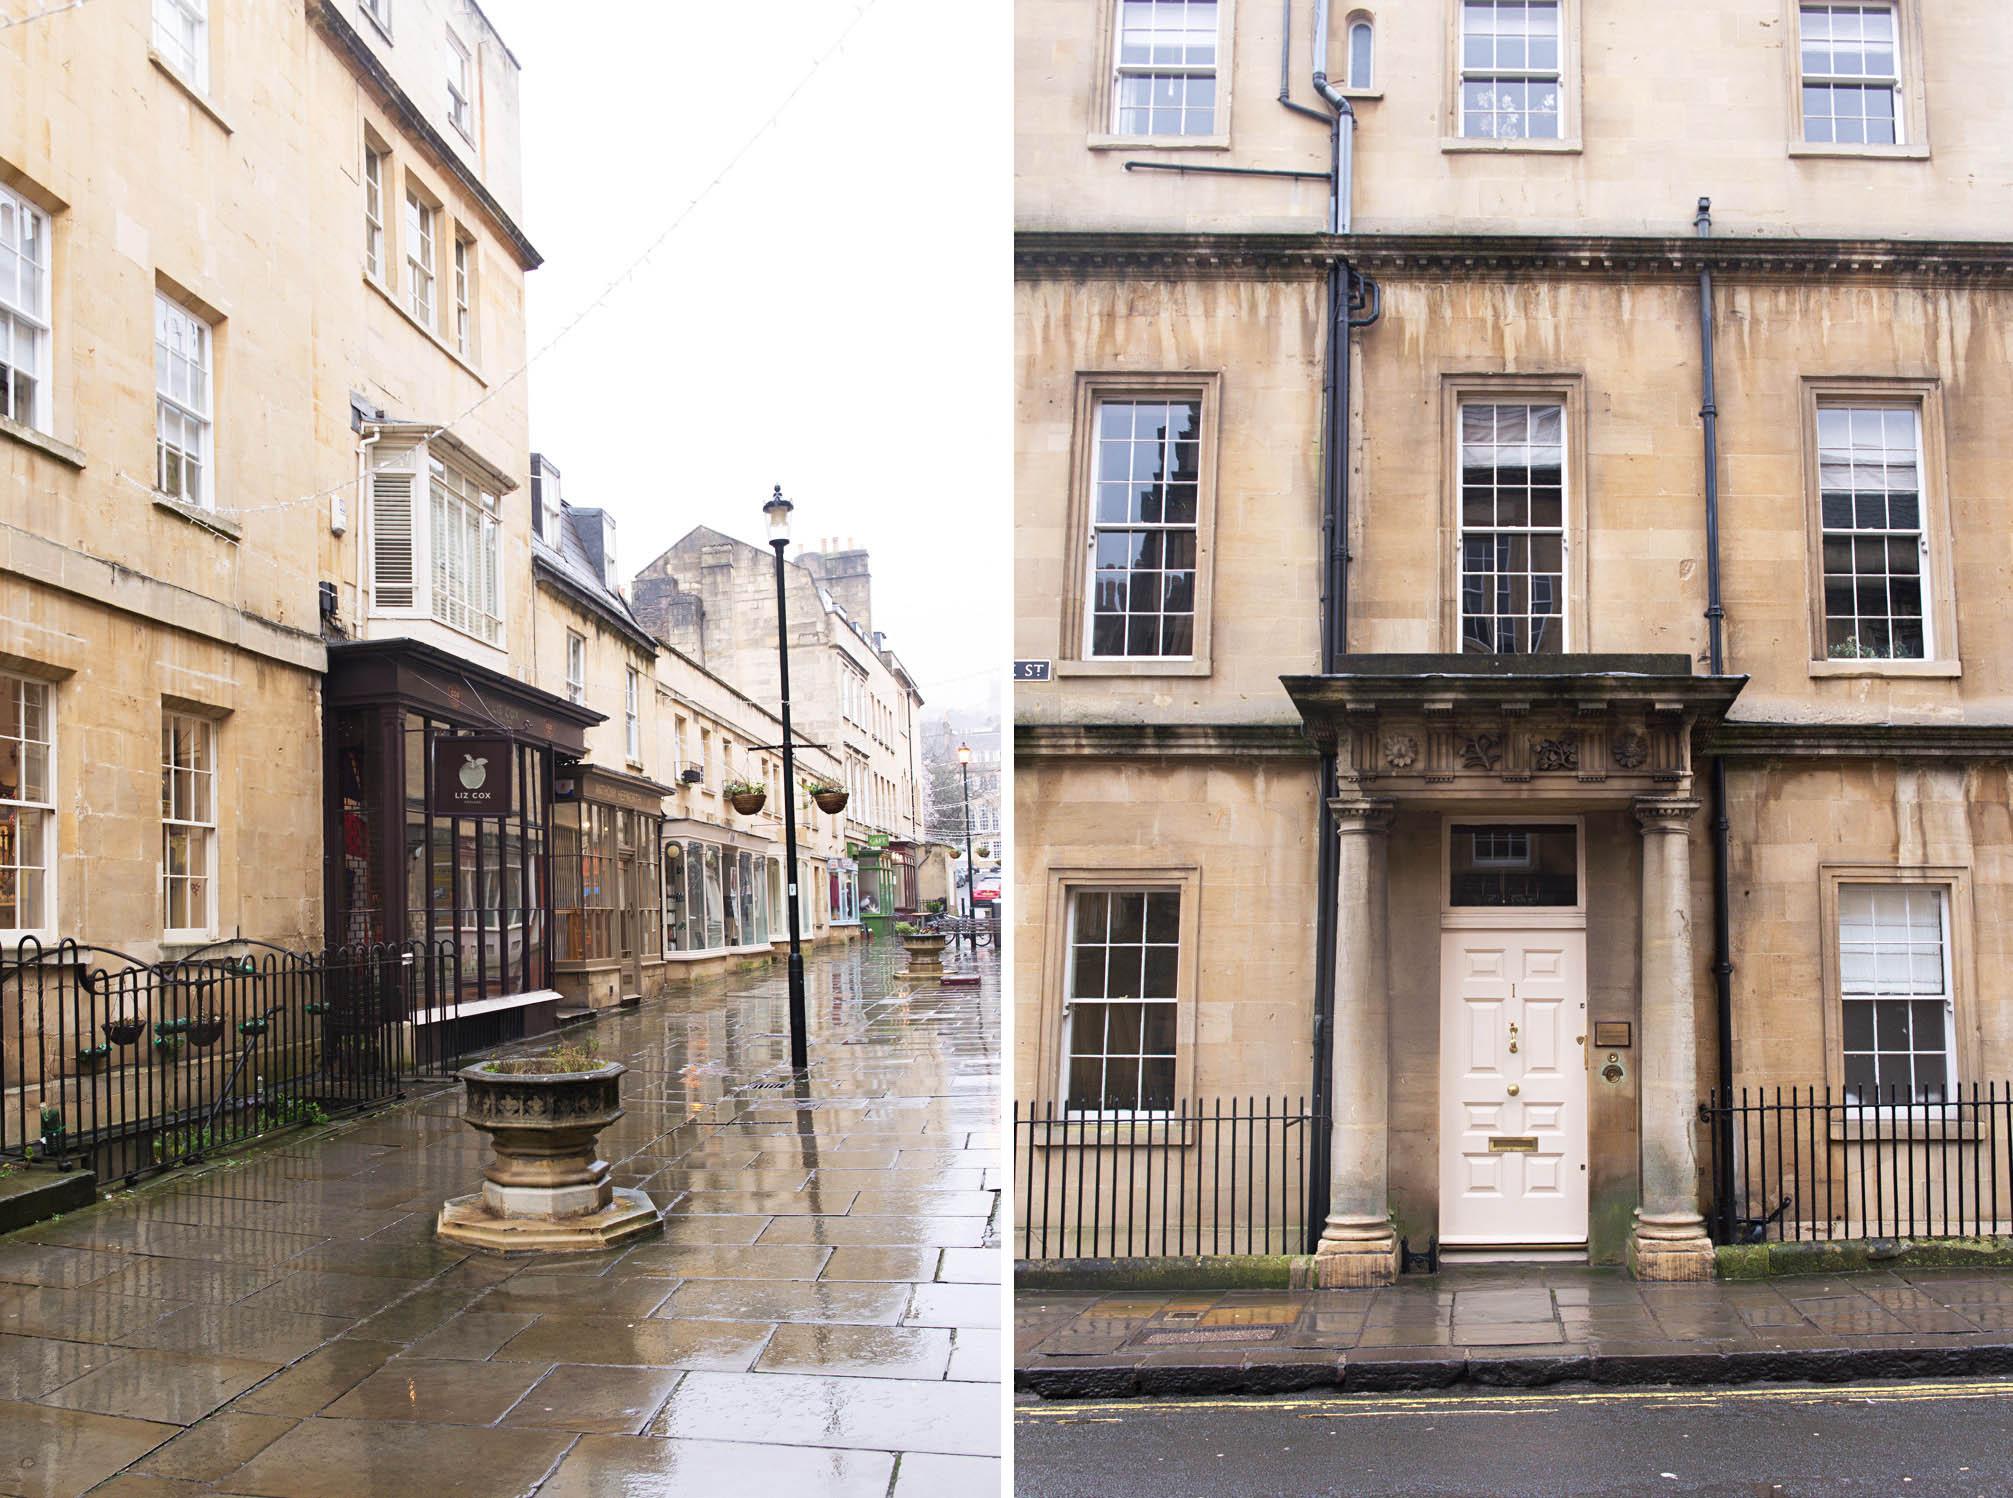 Bath England